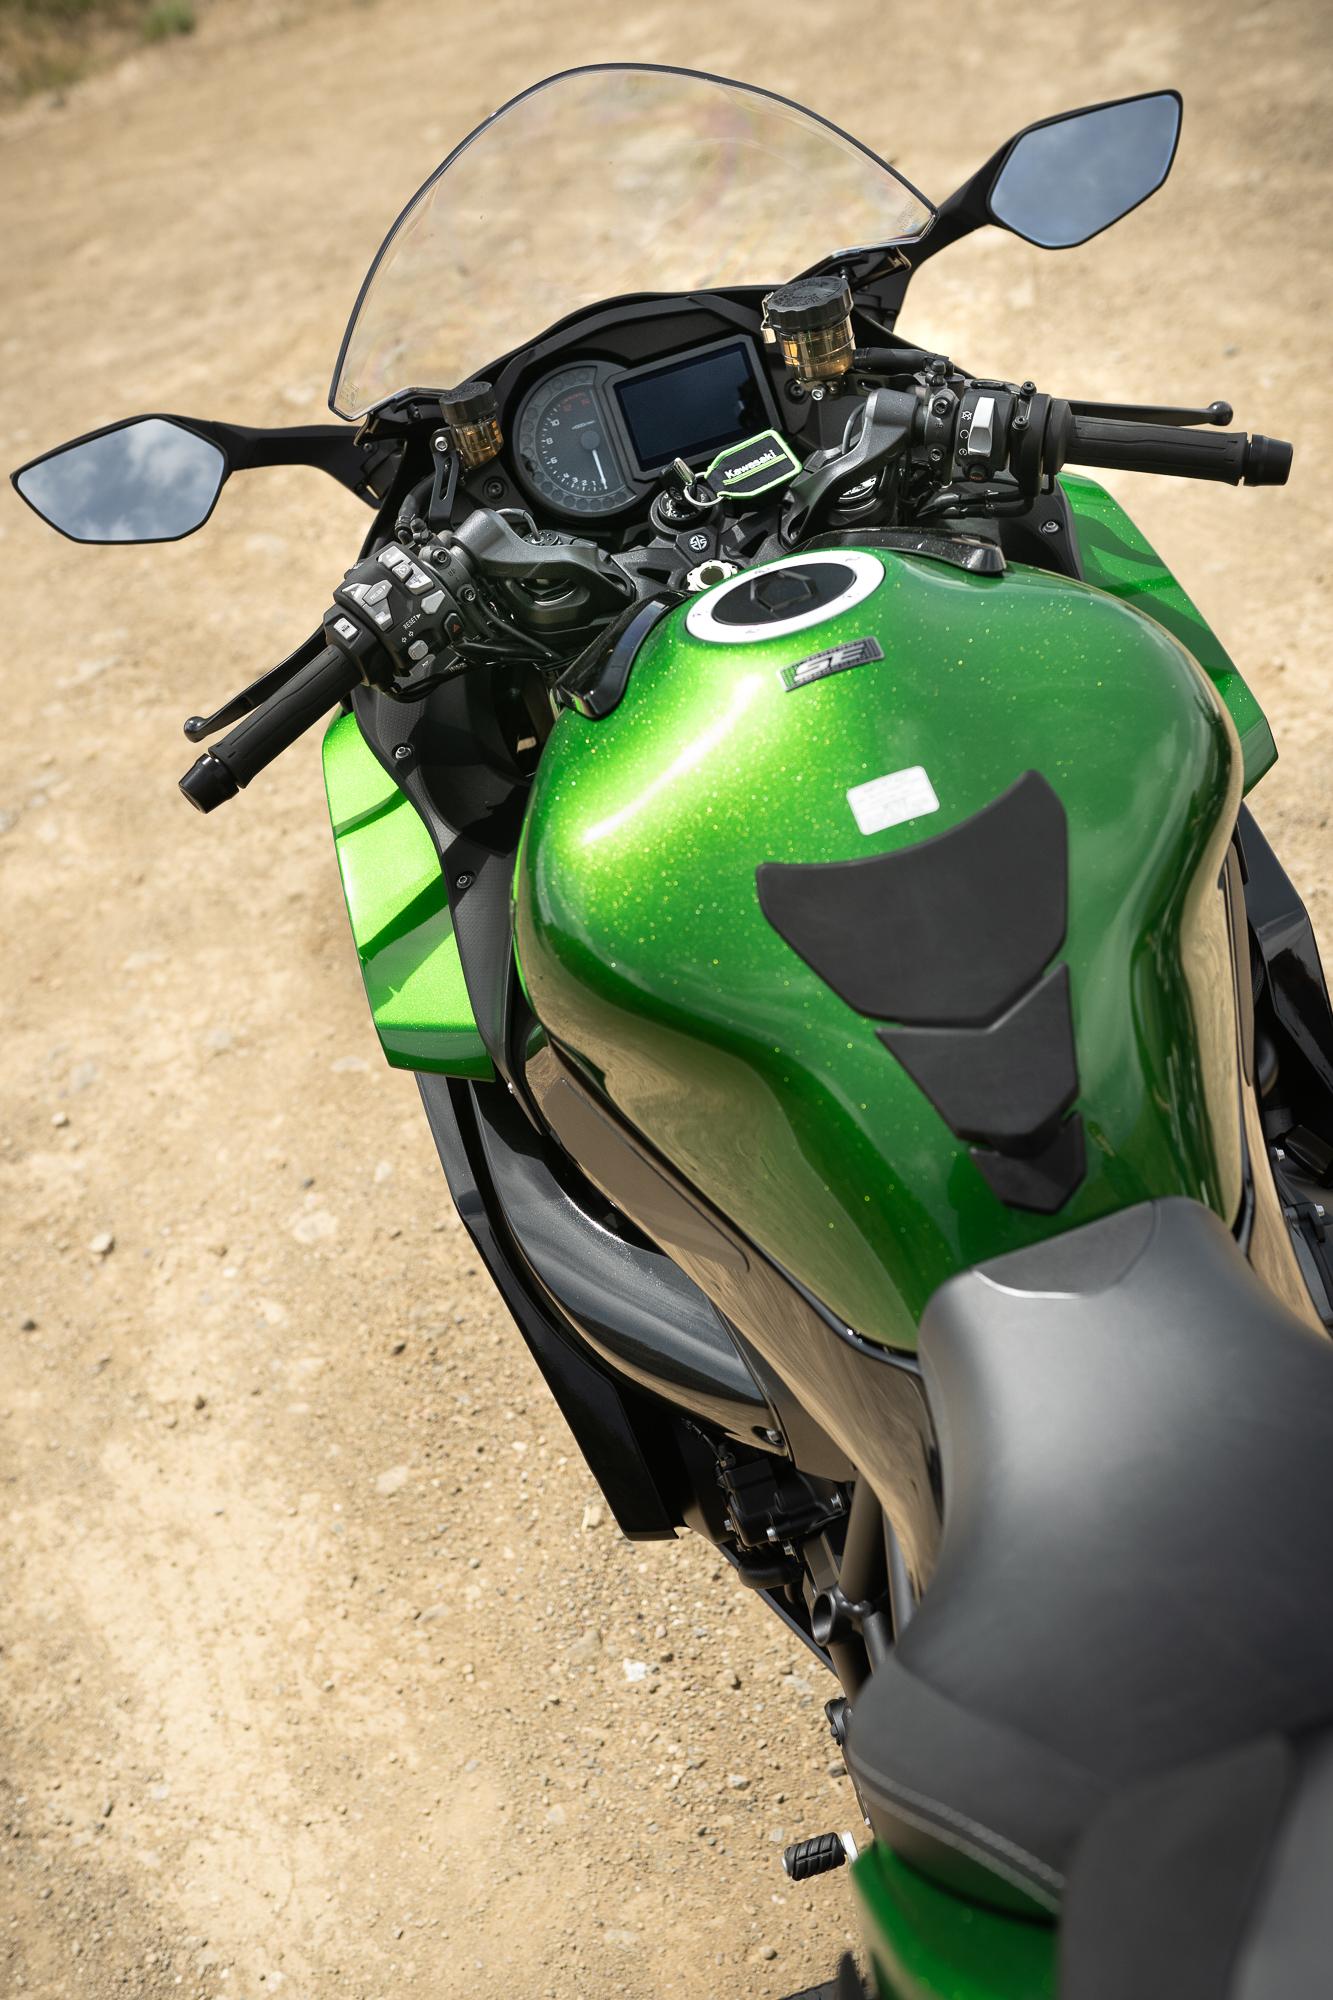 2021 Kawasaki H2 SX-SE tank